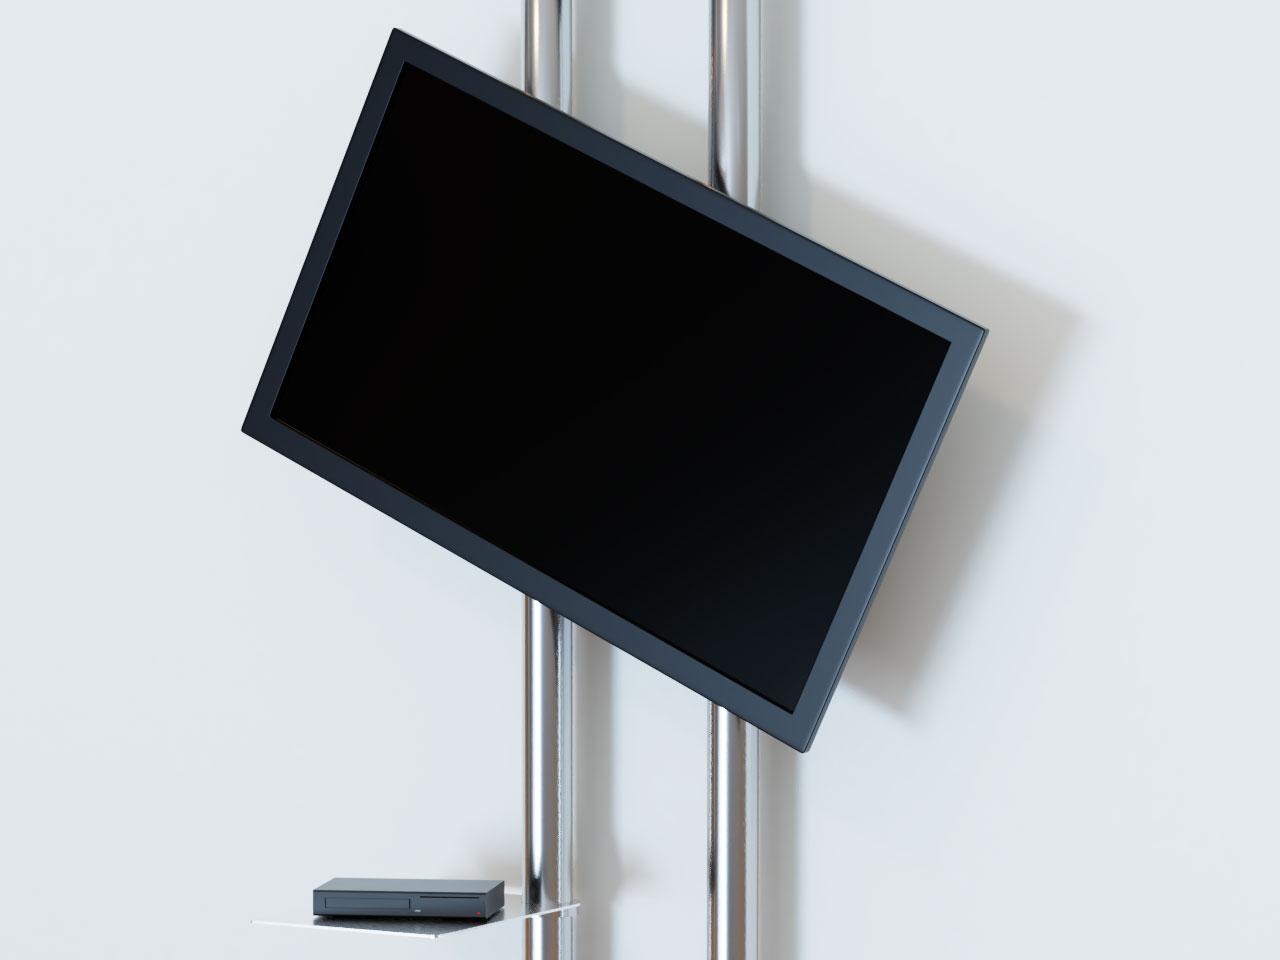 design tv wandhalter mit ablage cmb 277 g nstig kaufen cmb systeme. Black Bedroom Furniture Sets. Home Design Ideas